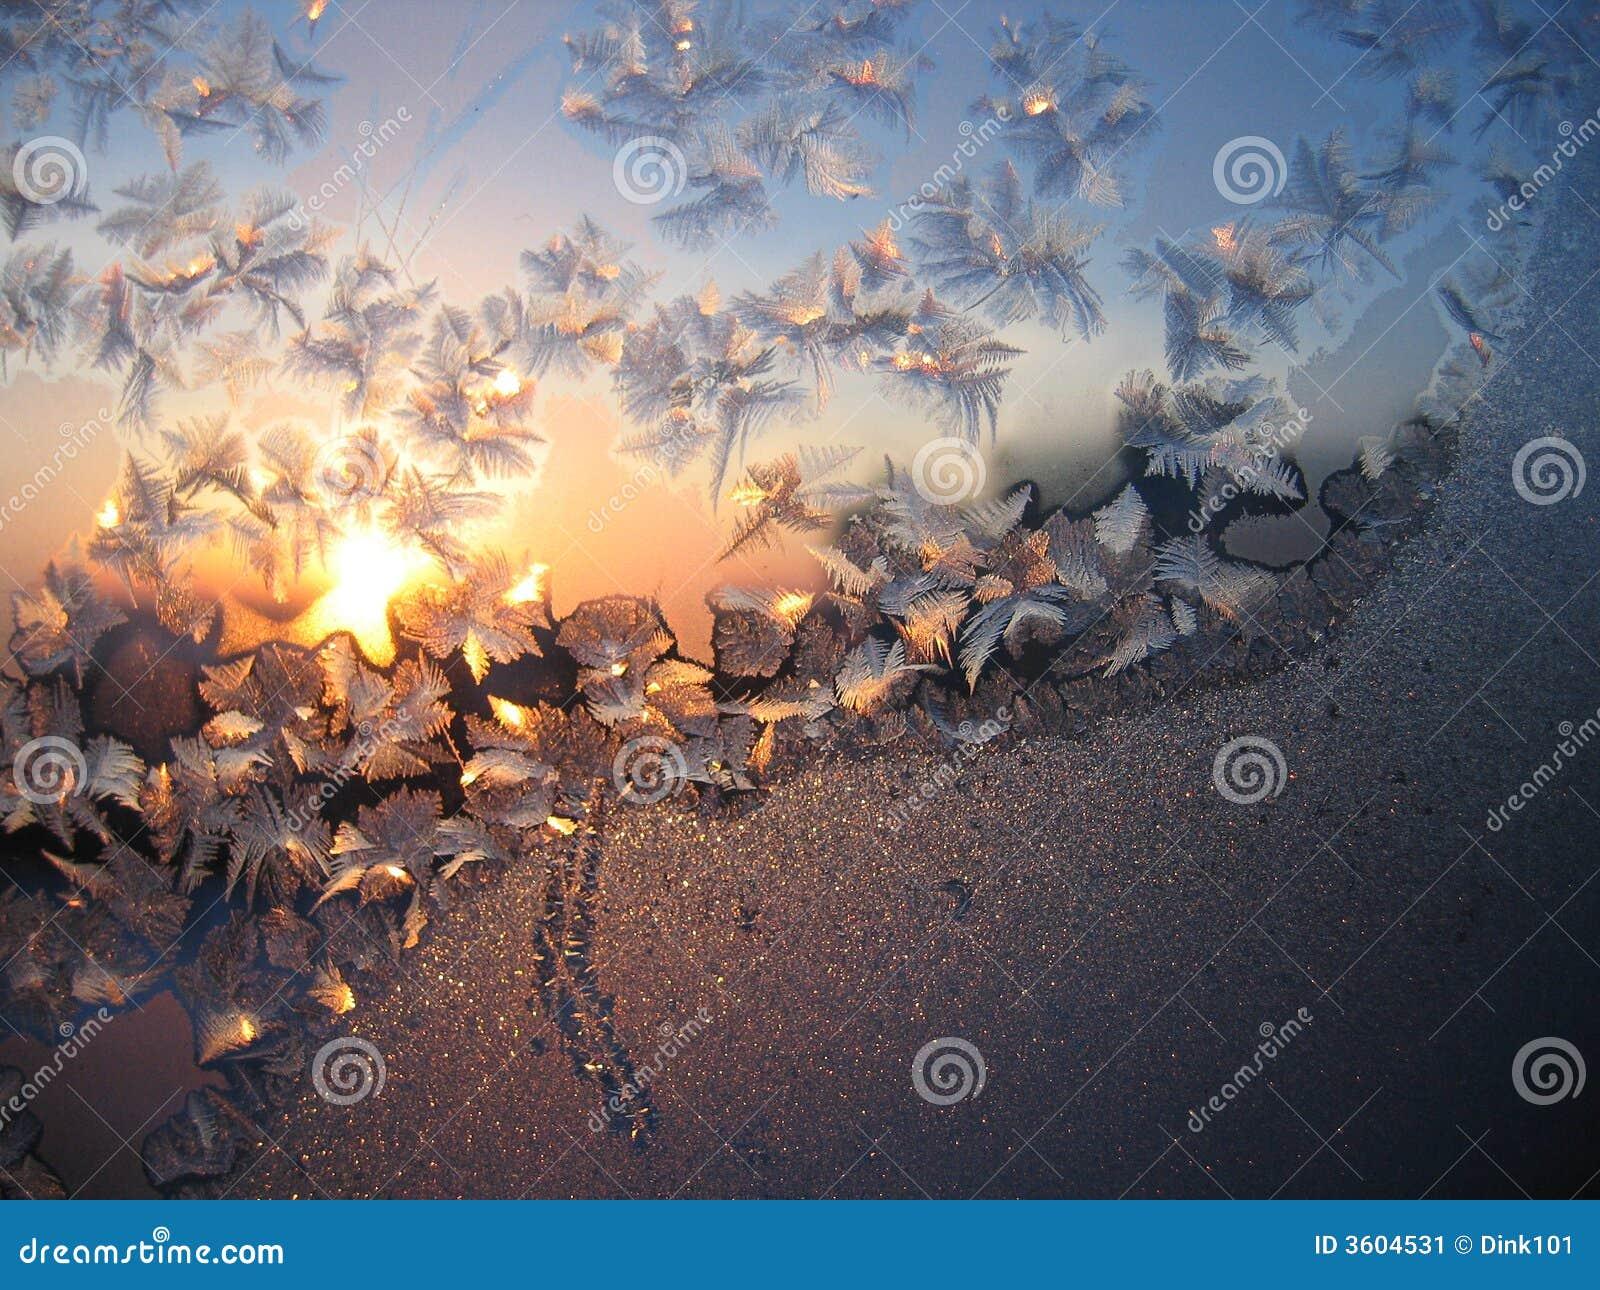 Eisiges natürliches Muster und Sonne